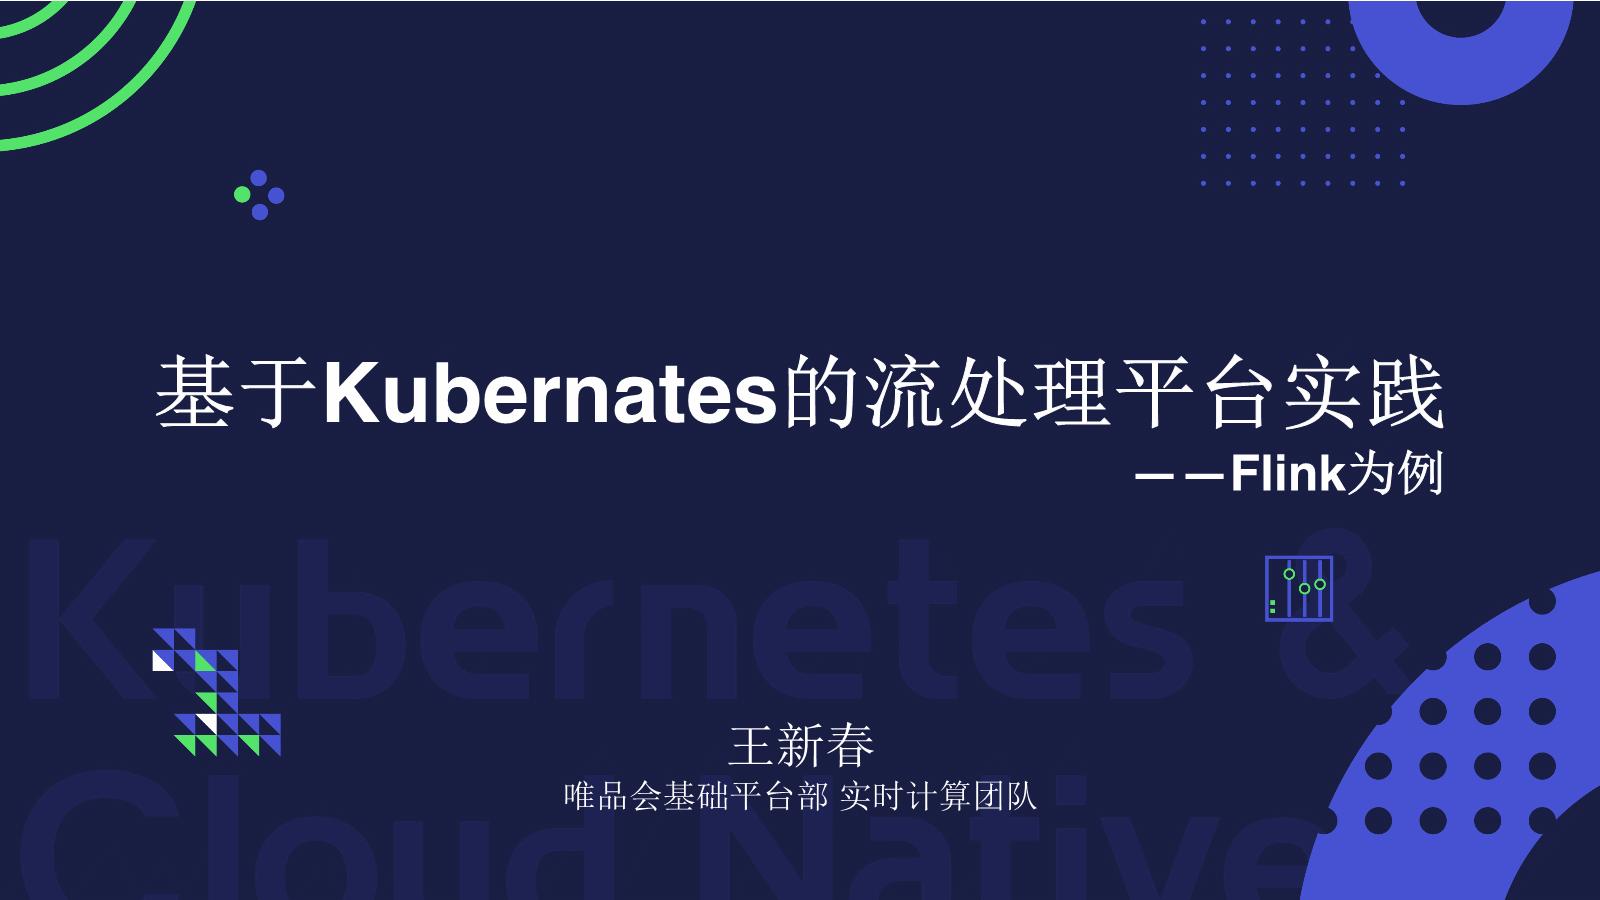 王新春-基于Kubernates的流处理平台实践Flink为例